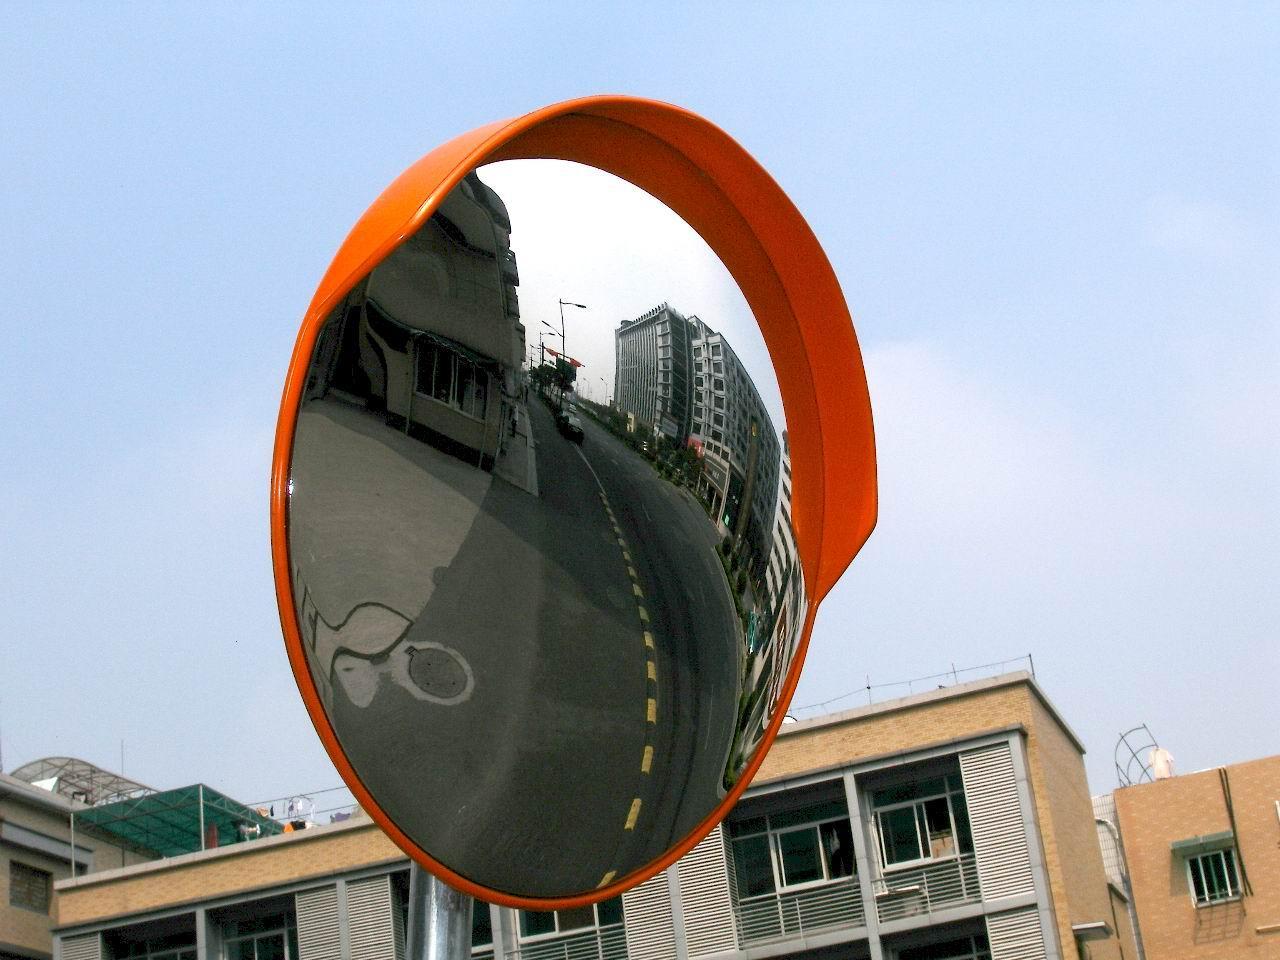 凸面镜,广角镜,佛山广角镜,凸面镜厂家,资料,价格